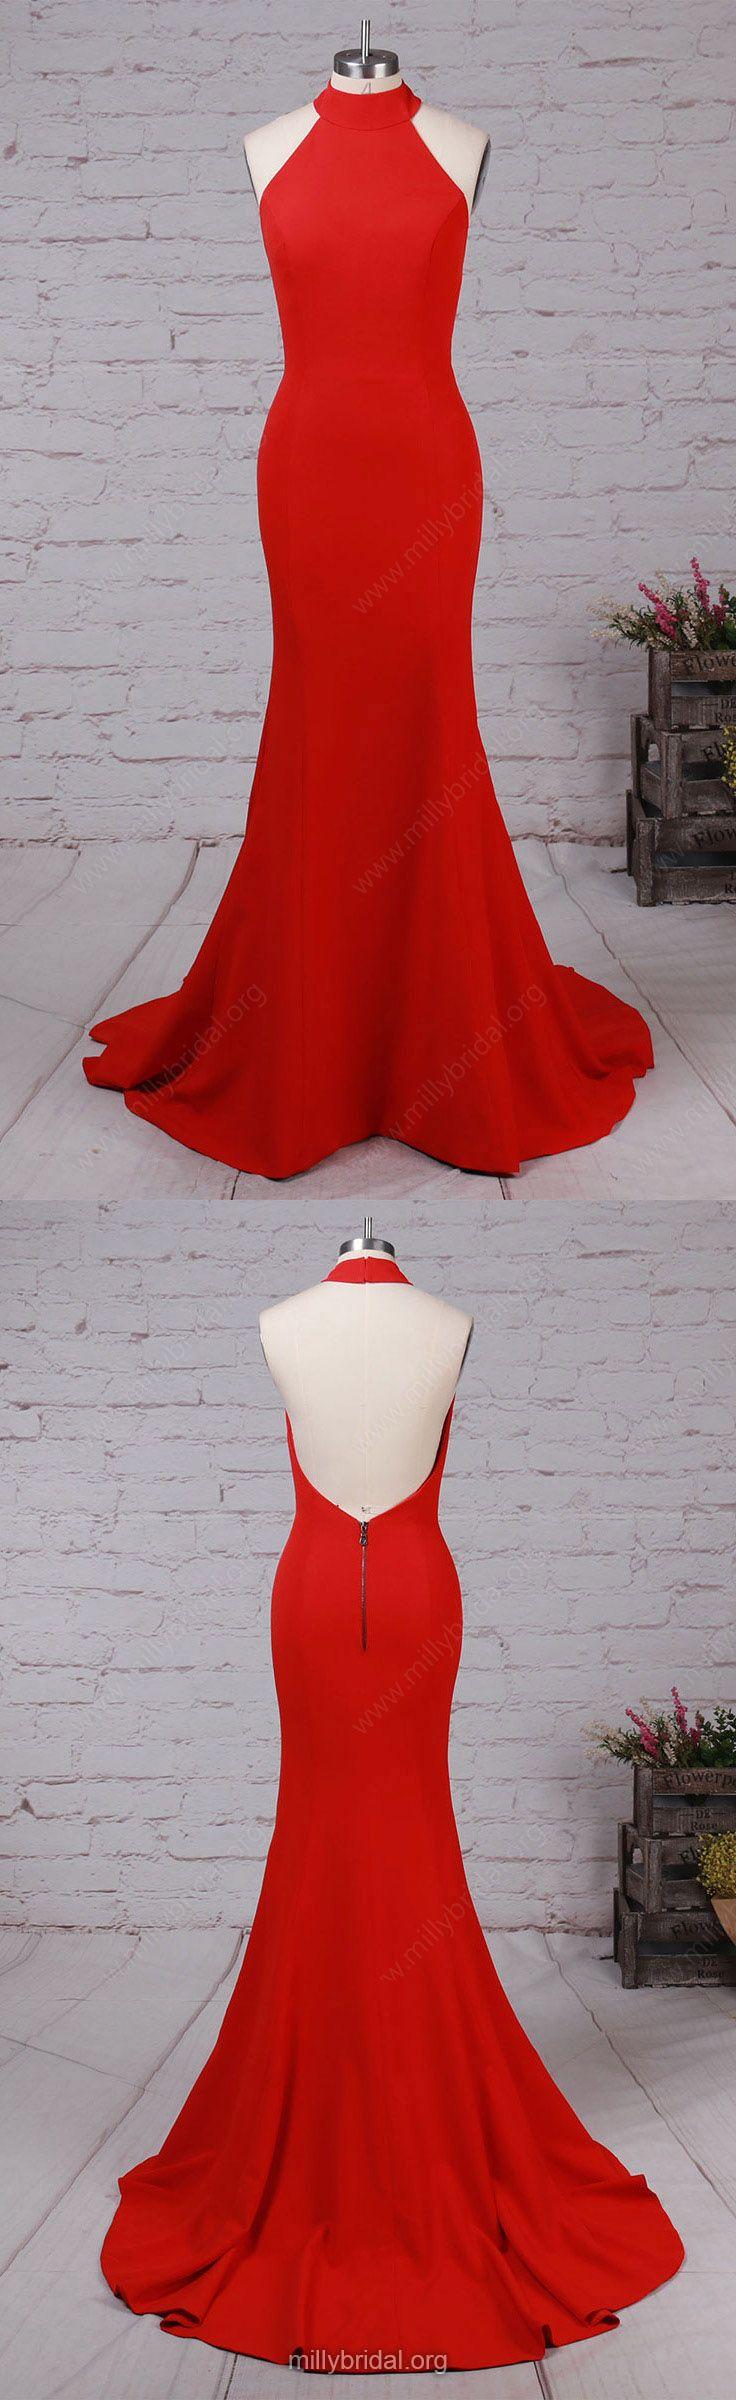 Long prom dressesred prom dresses prom dresses for teens